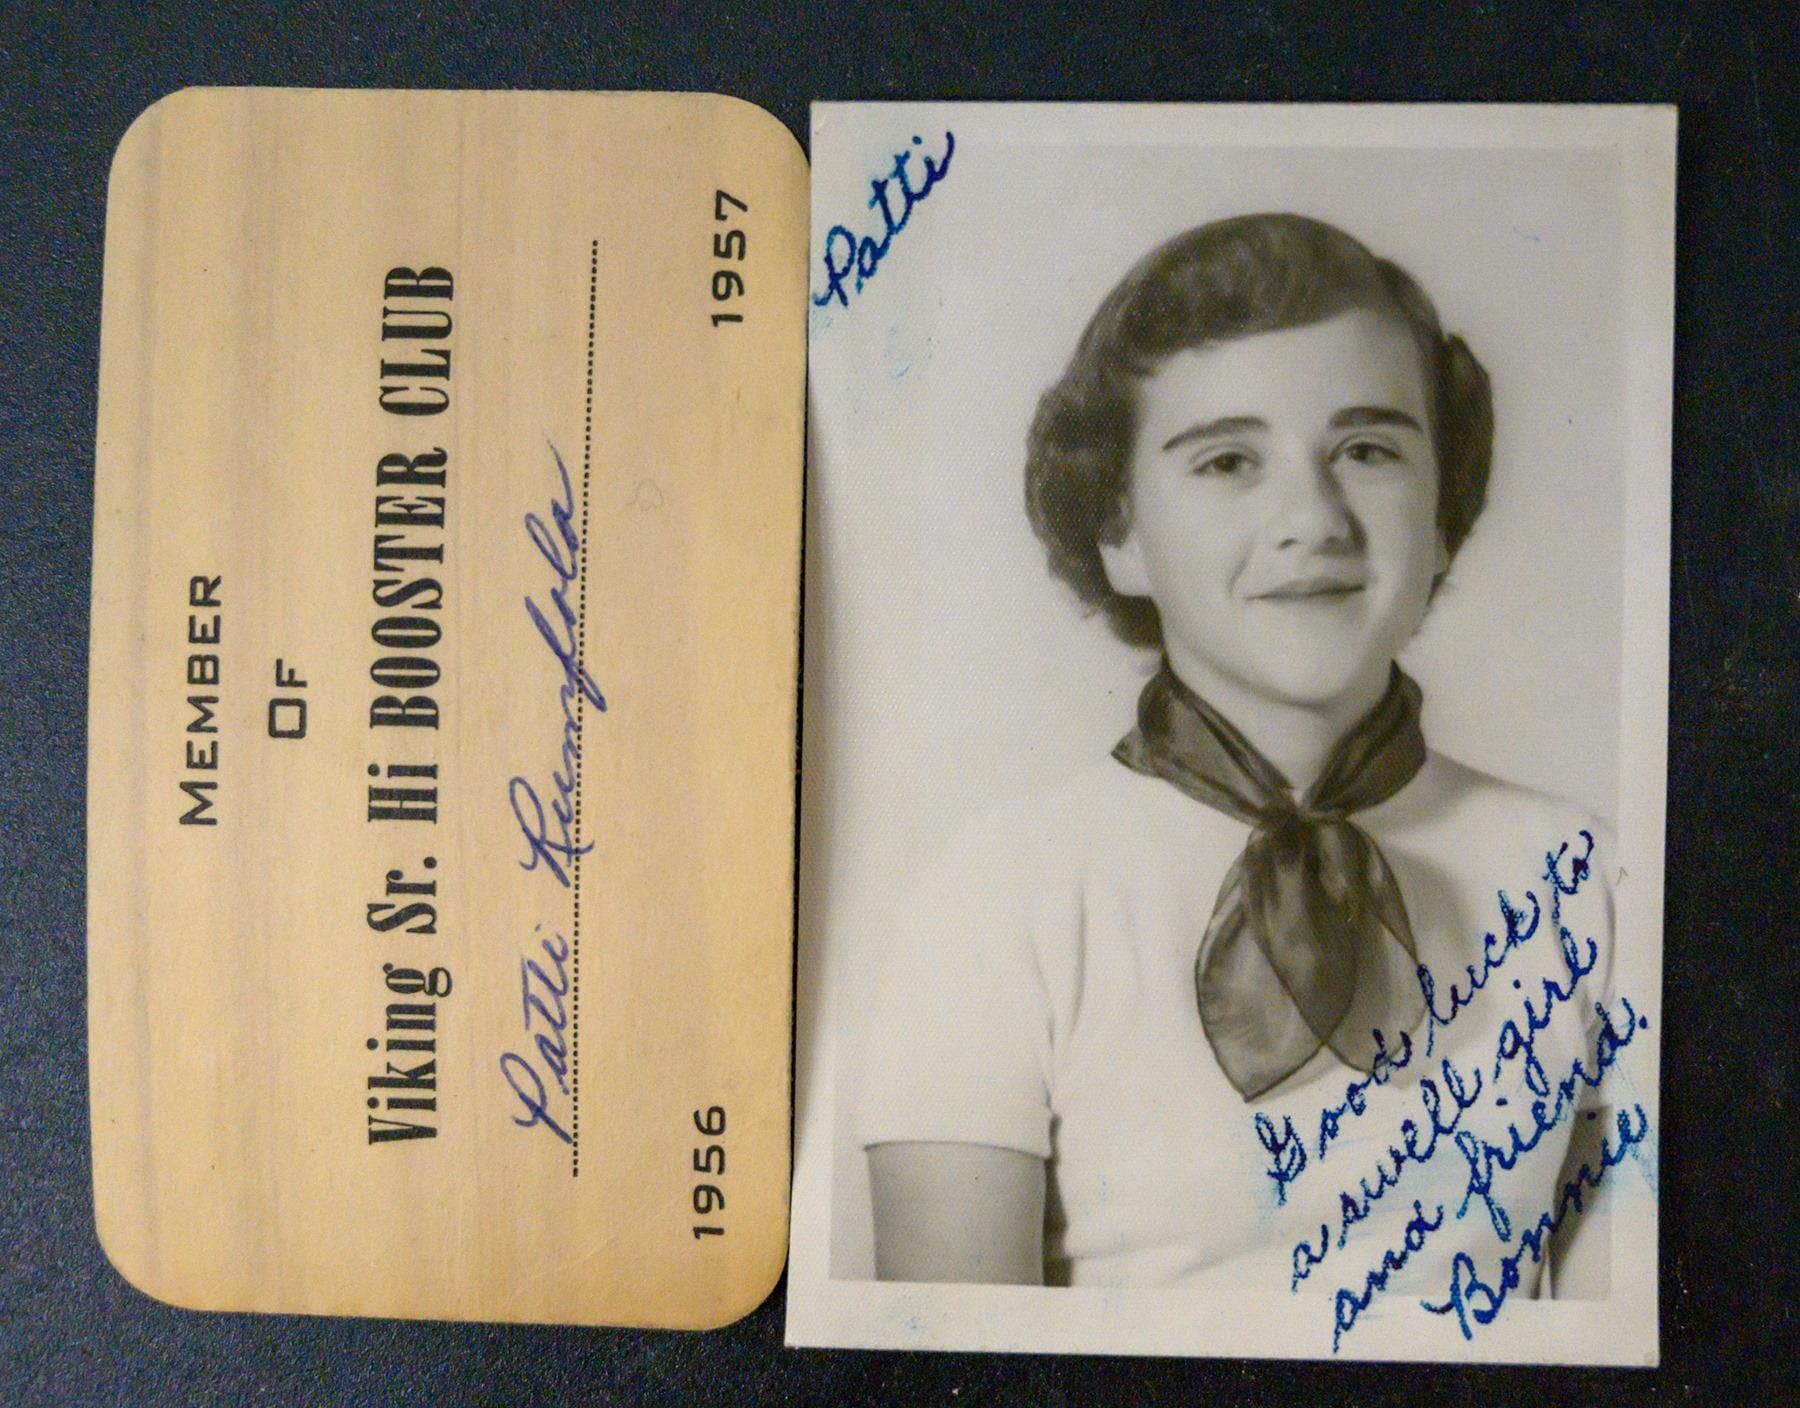 Η Μπόνι, φίλη της Πάτι, σε μια φωτογραφία που βρέθηκε στην τσάντα της τελευταίας έπειτα από 6 δεκαετίες